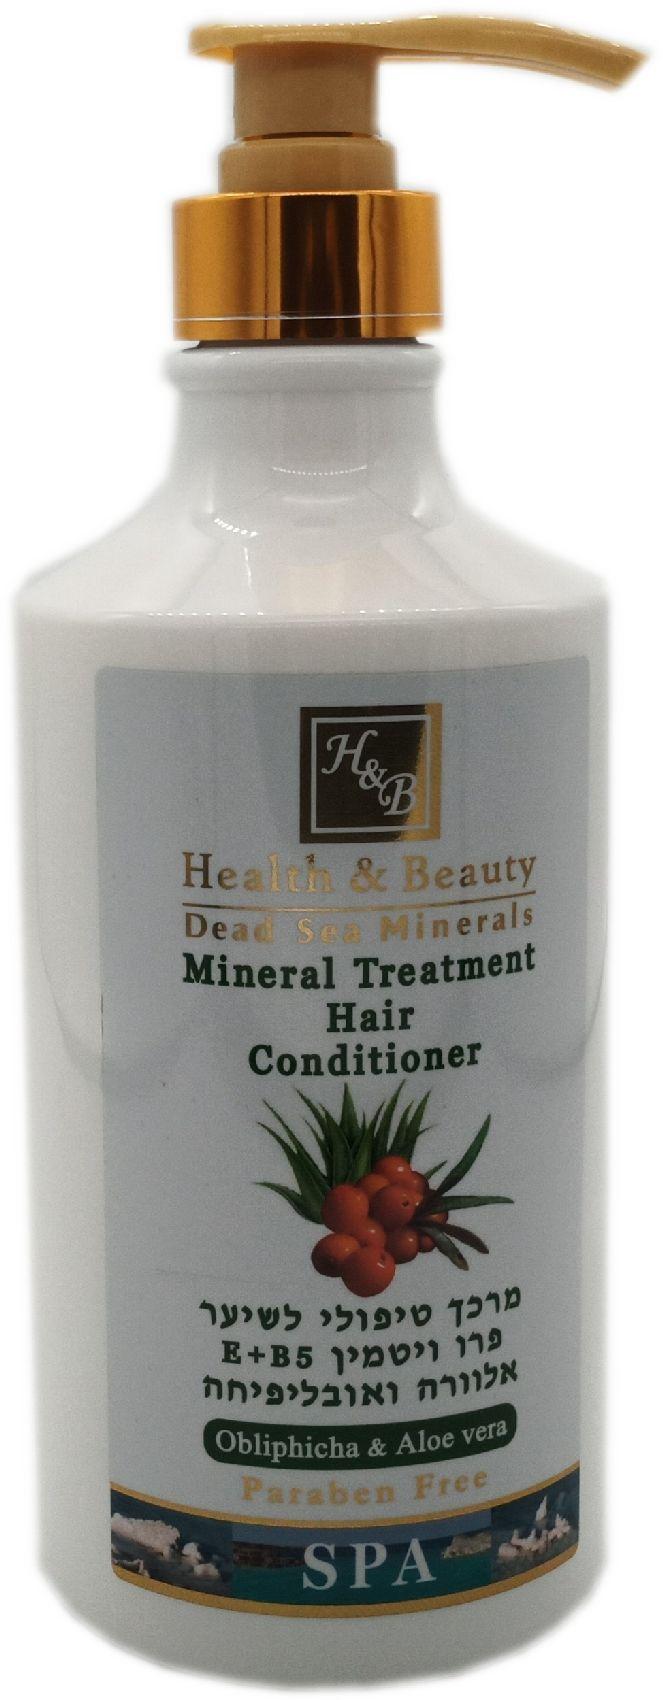 Кондиционер для волос Health & Beauty на основе минералов Мертвого моря с облепихой кондиционер для волос dr sea с кератином витамином е и минералами мертвого моря для всех типов волос 400 мл